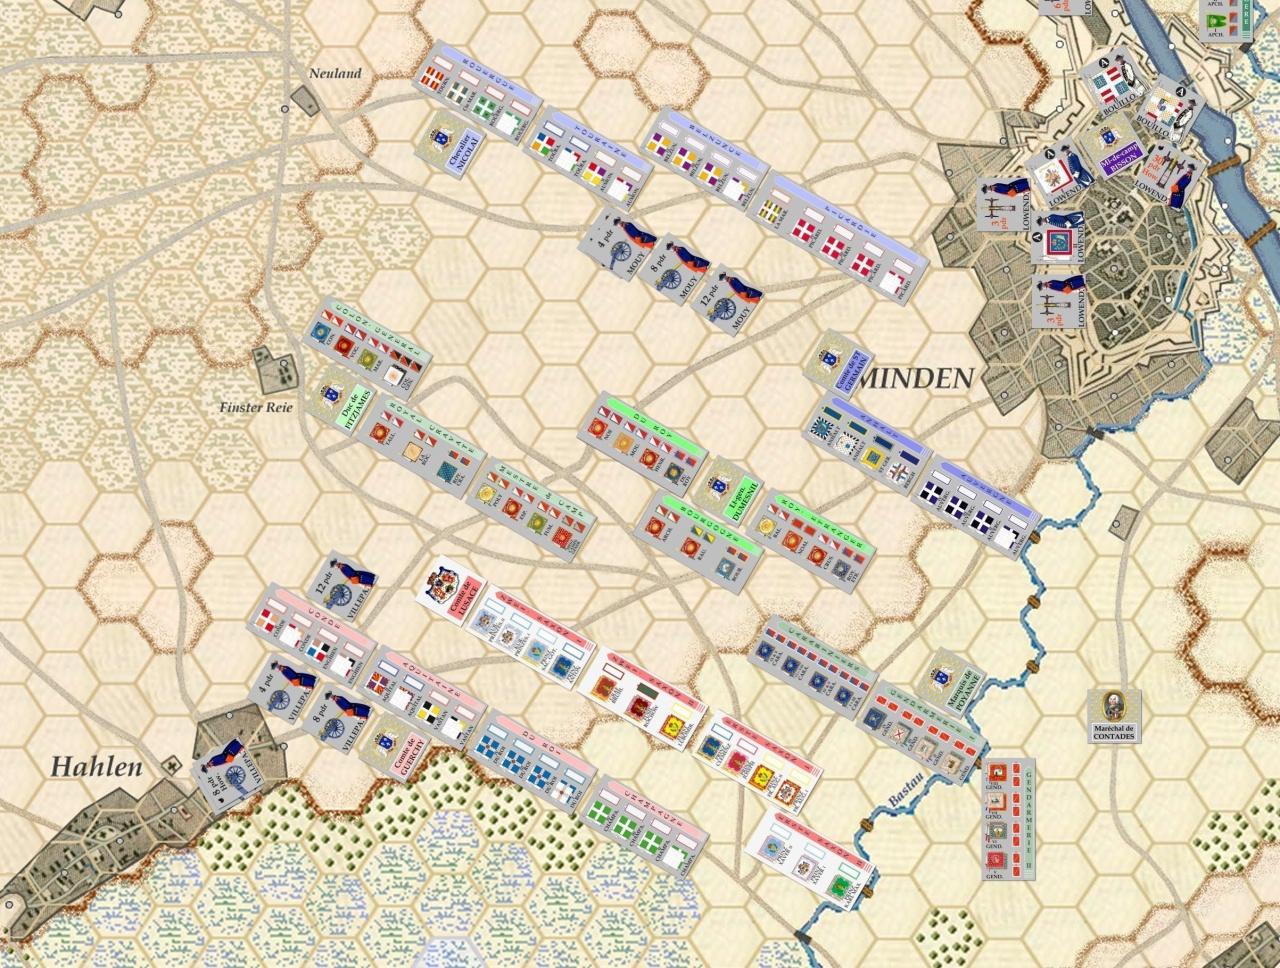 Nouveau Jeu : Bataille de Minden - Page 9 883947Situation0400marchefranais